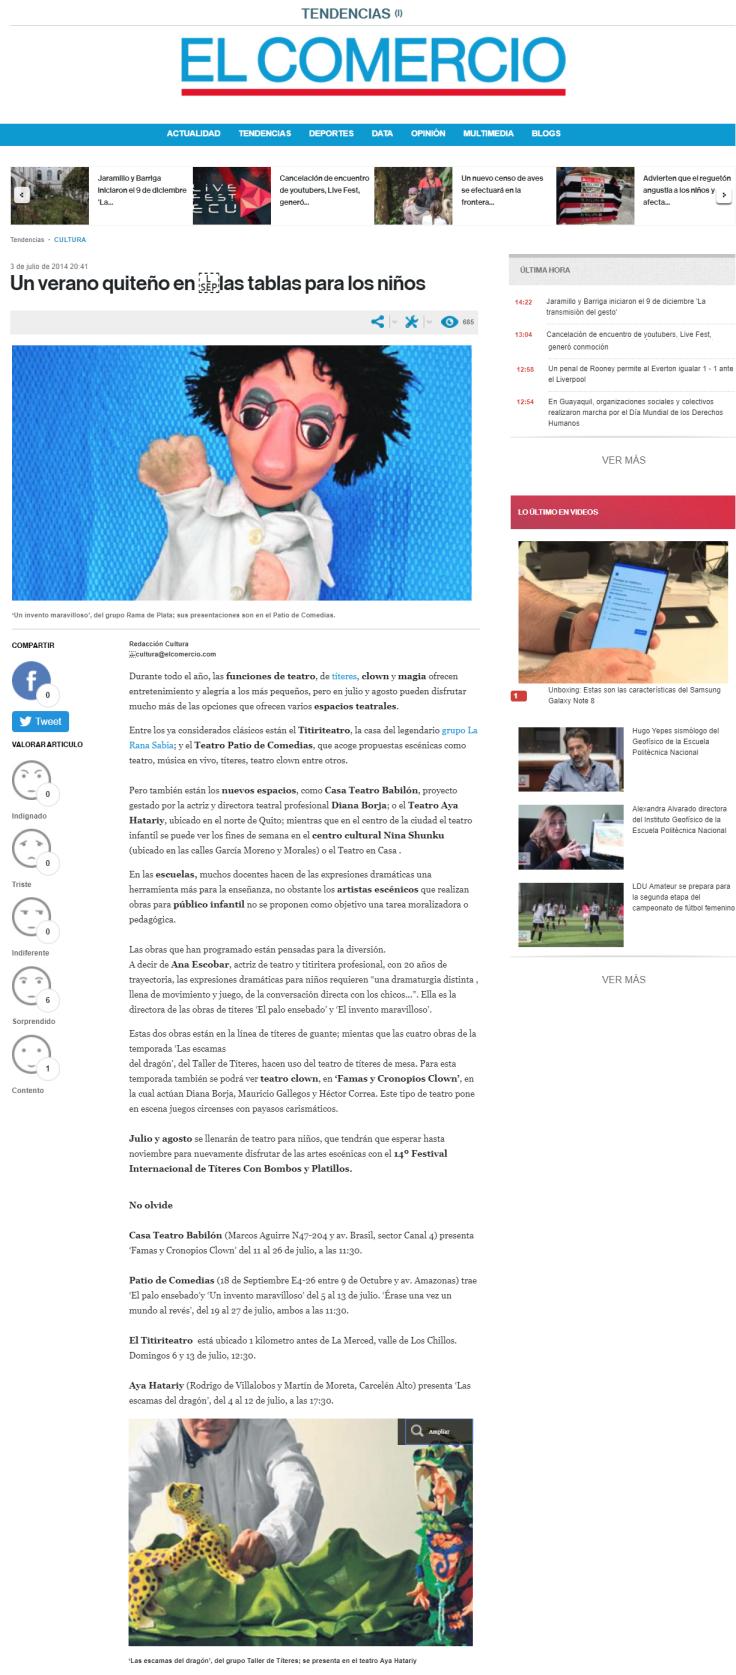 2014 07 03 - El Comercio - Un verano quiteño en las tablas para los niños RESUMEN